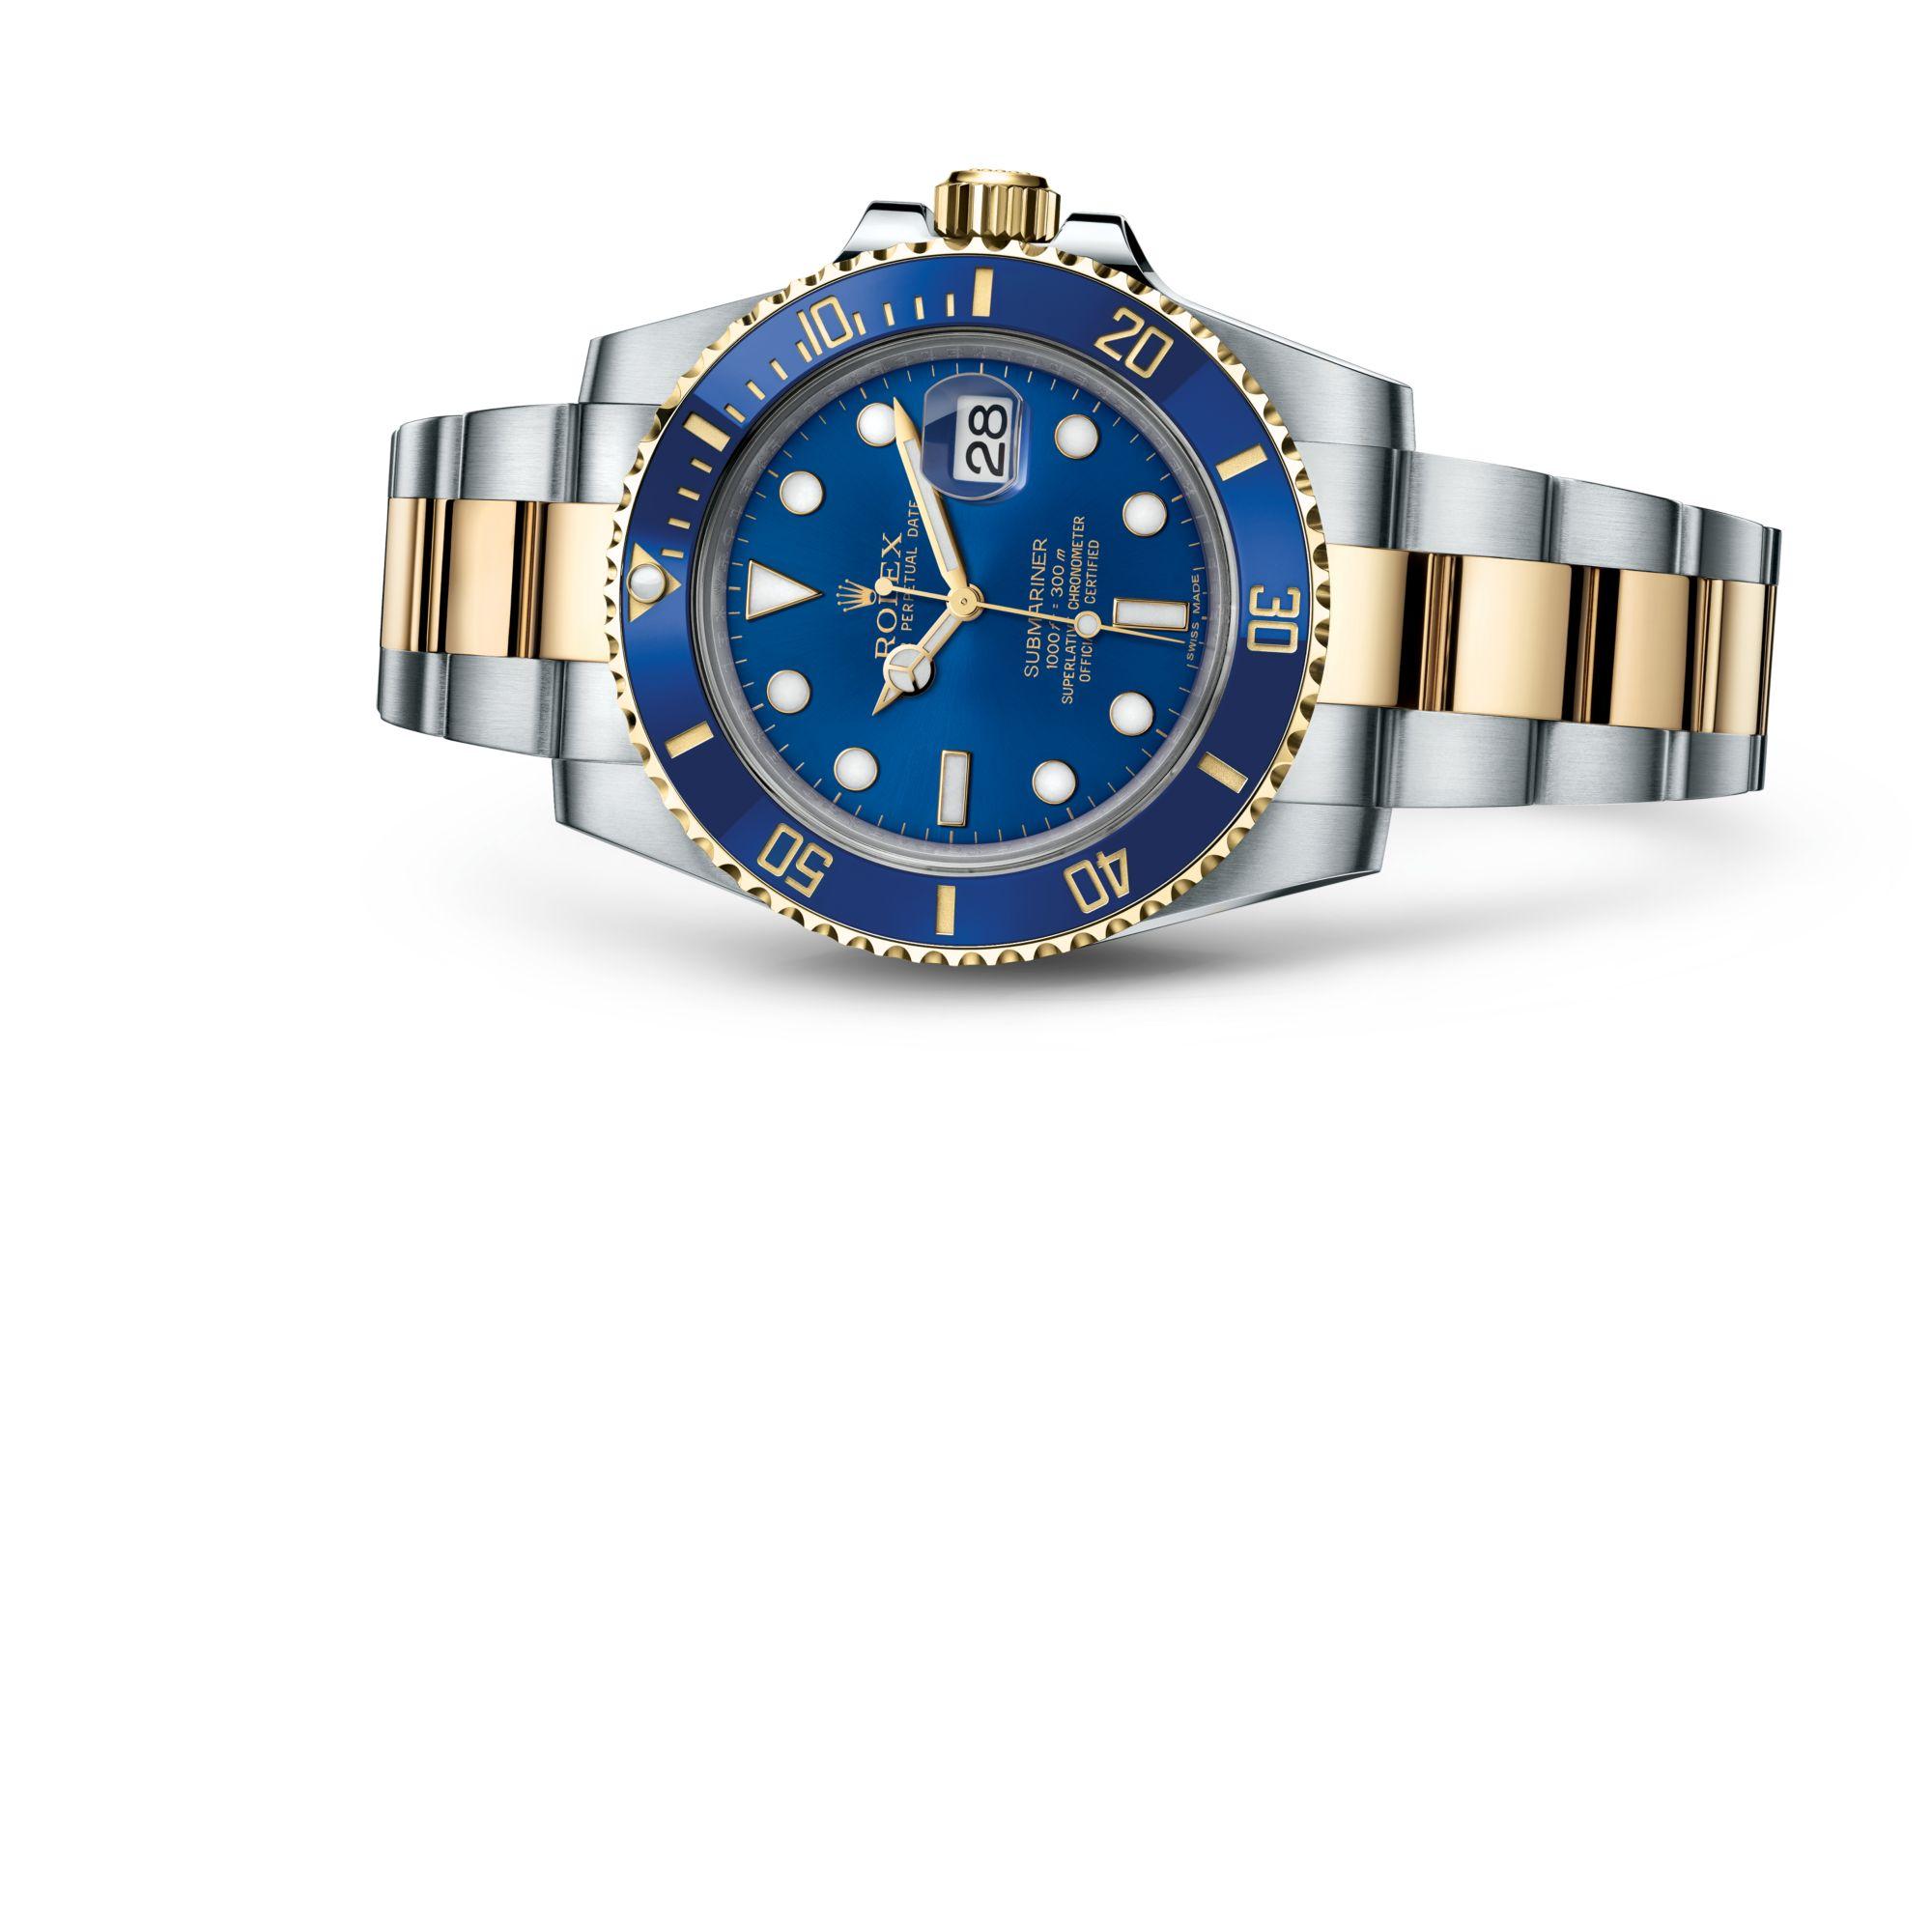 Rolex Submariner Date M116613LB-0005